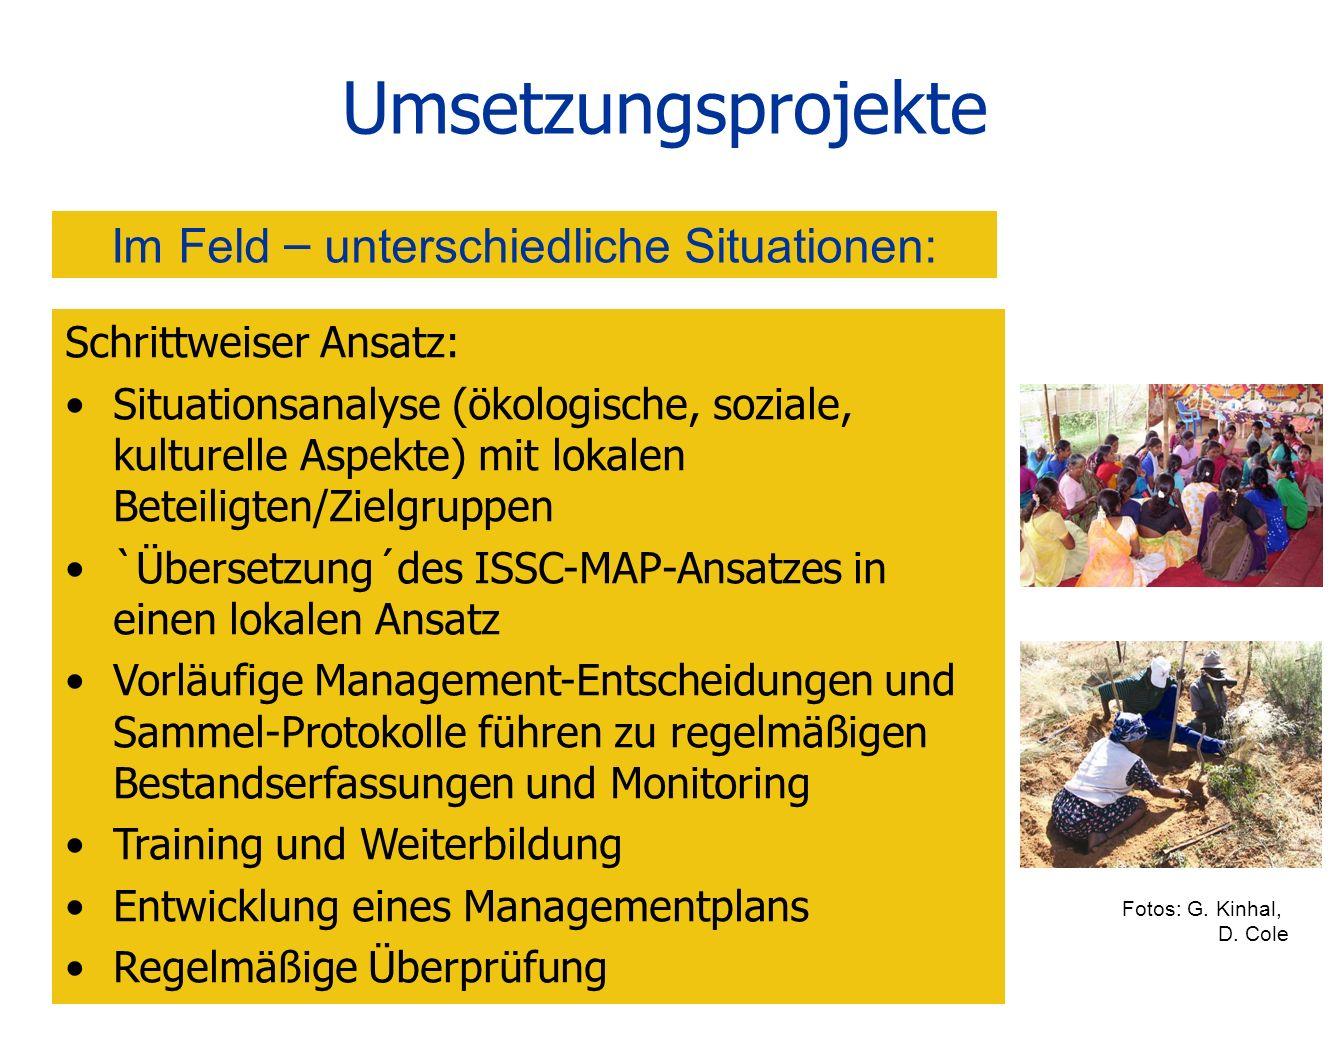 Umsetzungsprojekte Schrittweiser Ansatz: Situationsanalyse (ökologische, soziale, kulturelle Aspekte) mit lokalen Beteiligten/Zielgruppen `Übersetzung